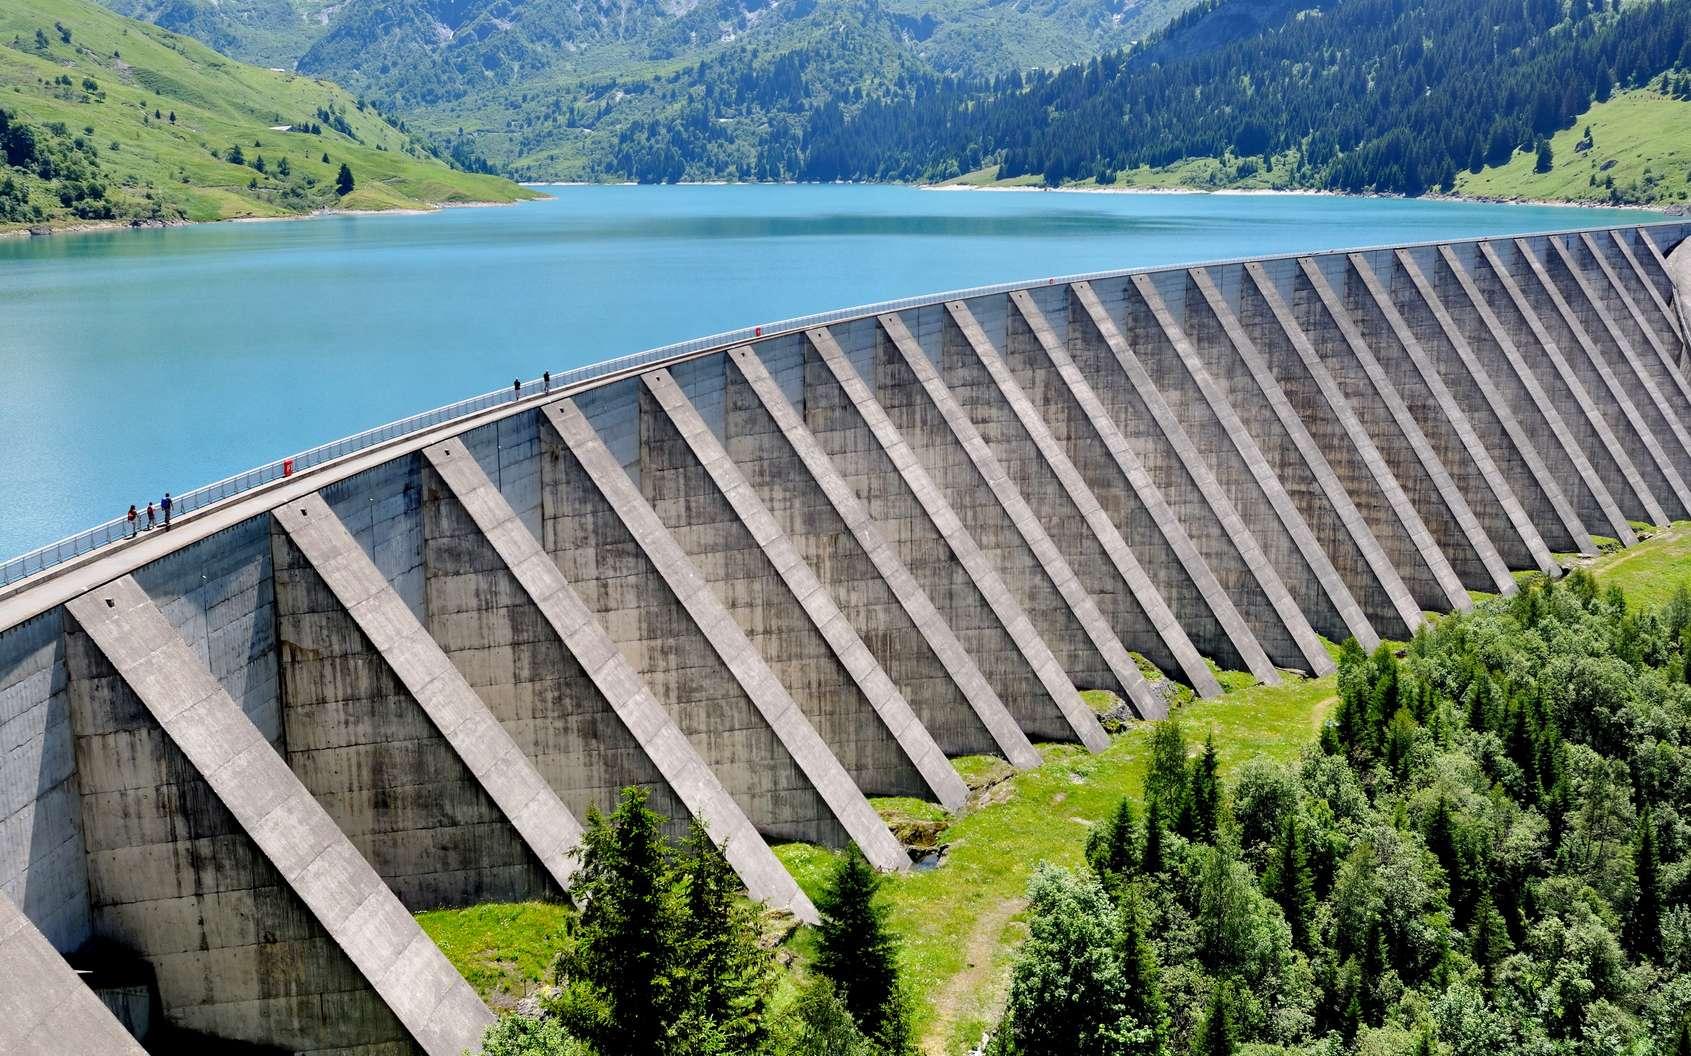 Le barrage de Roseland en Savoie. © coco, fotolia